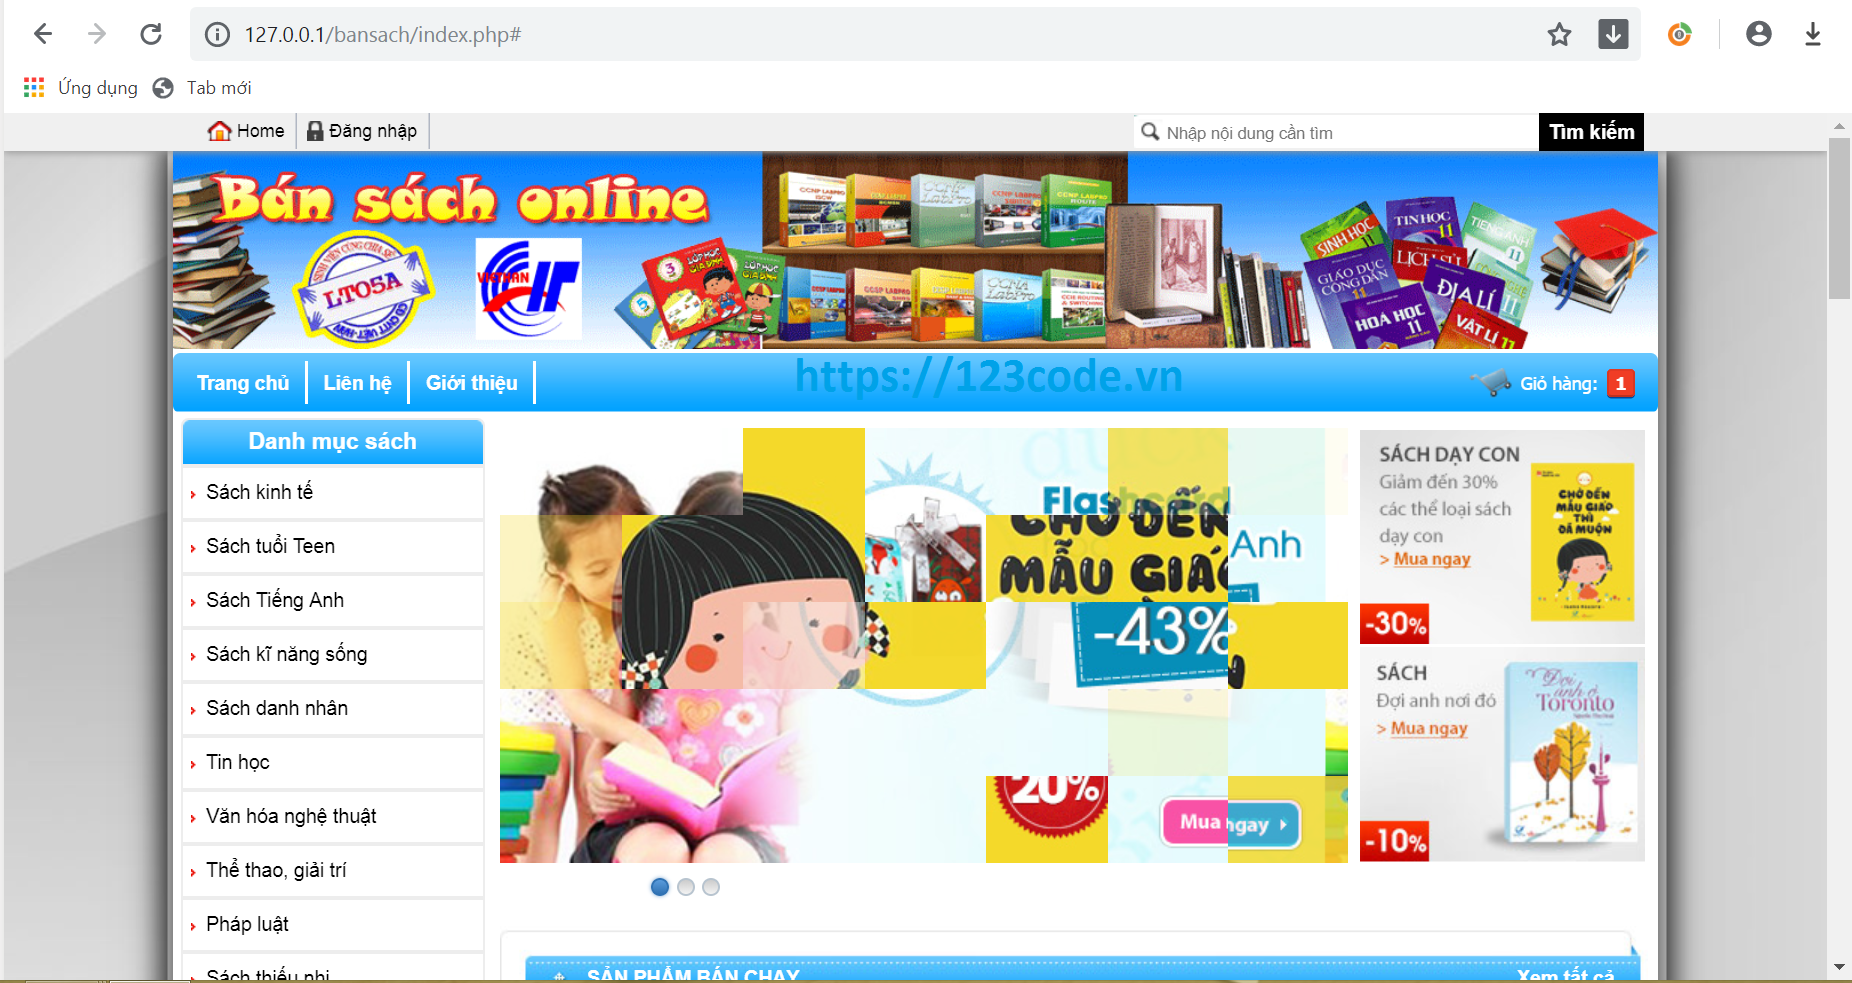 Chia sẻ source code website quản lý bán sách php thuần